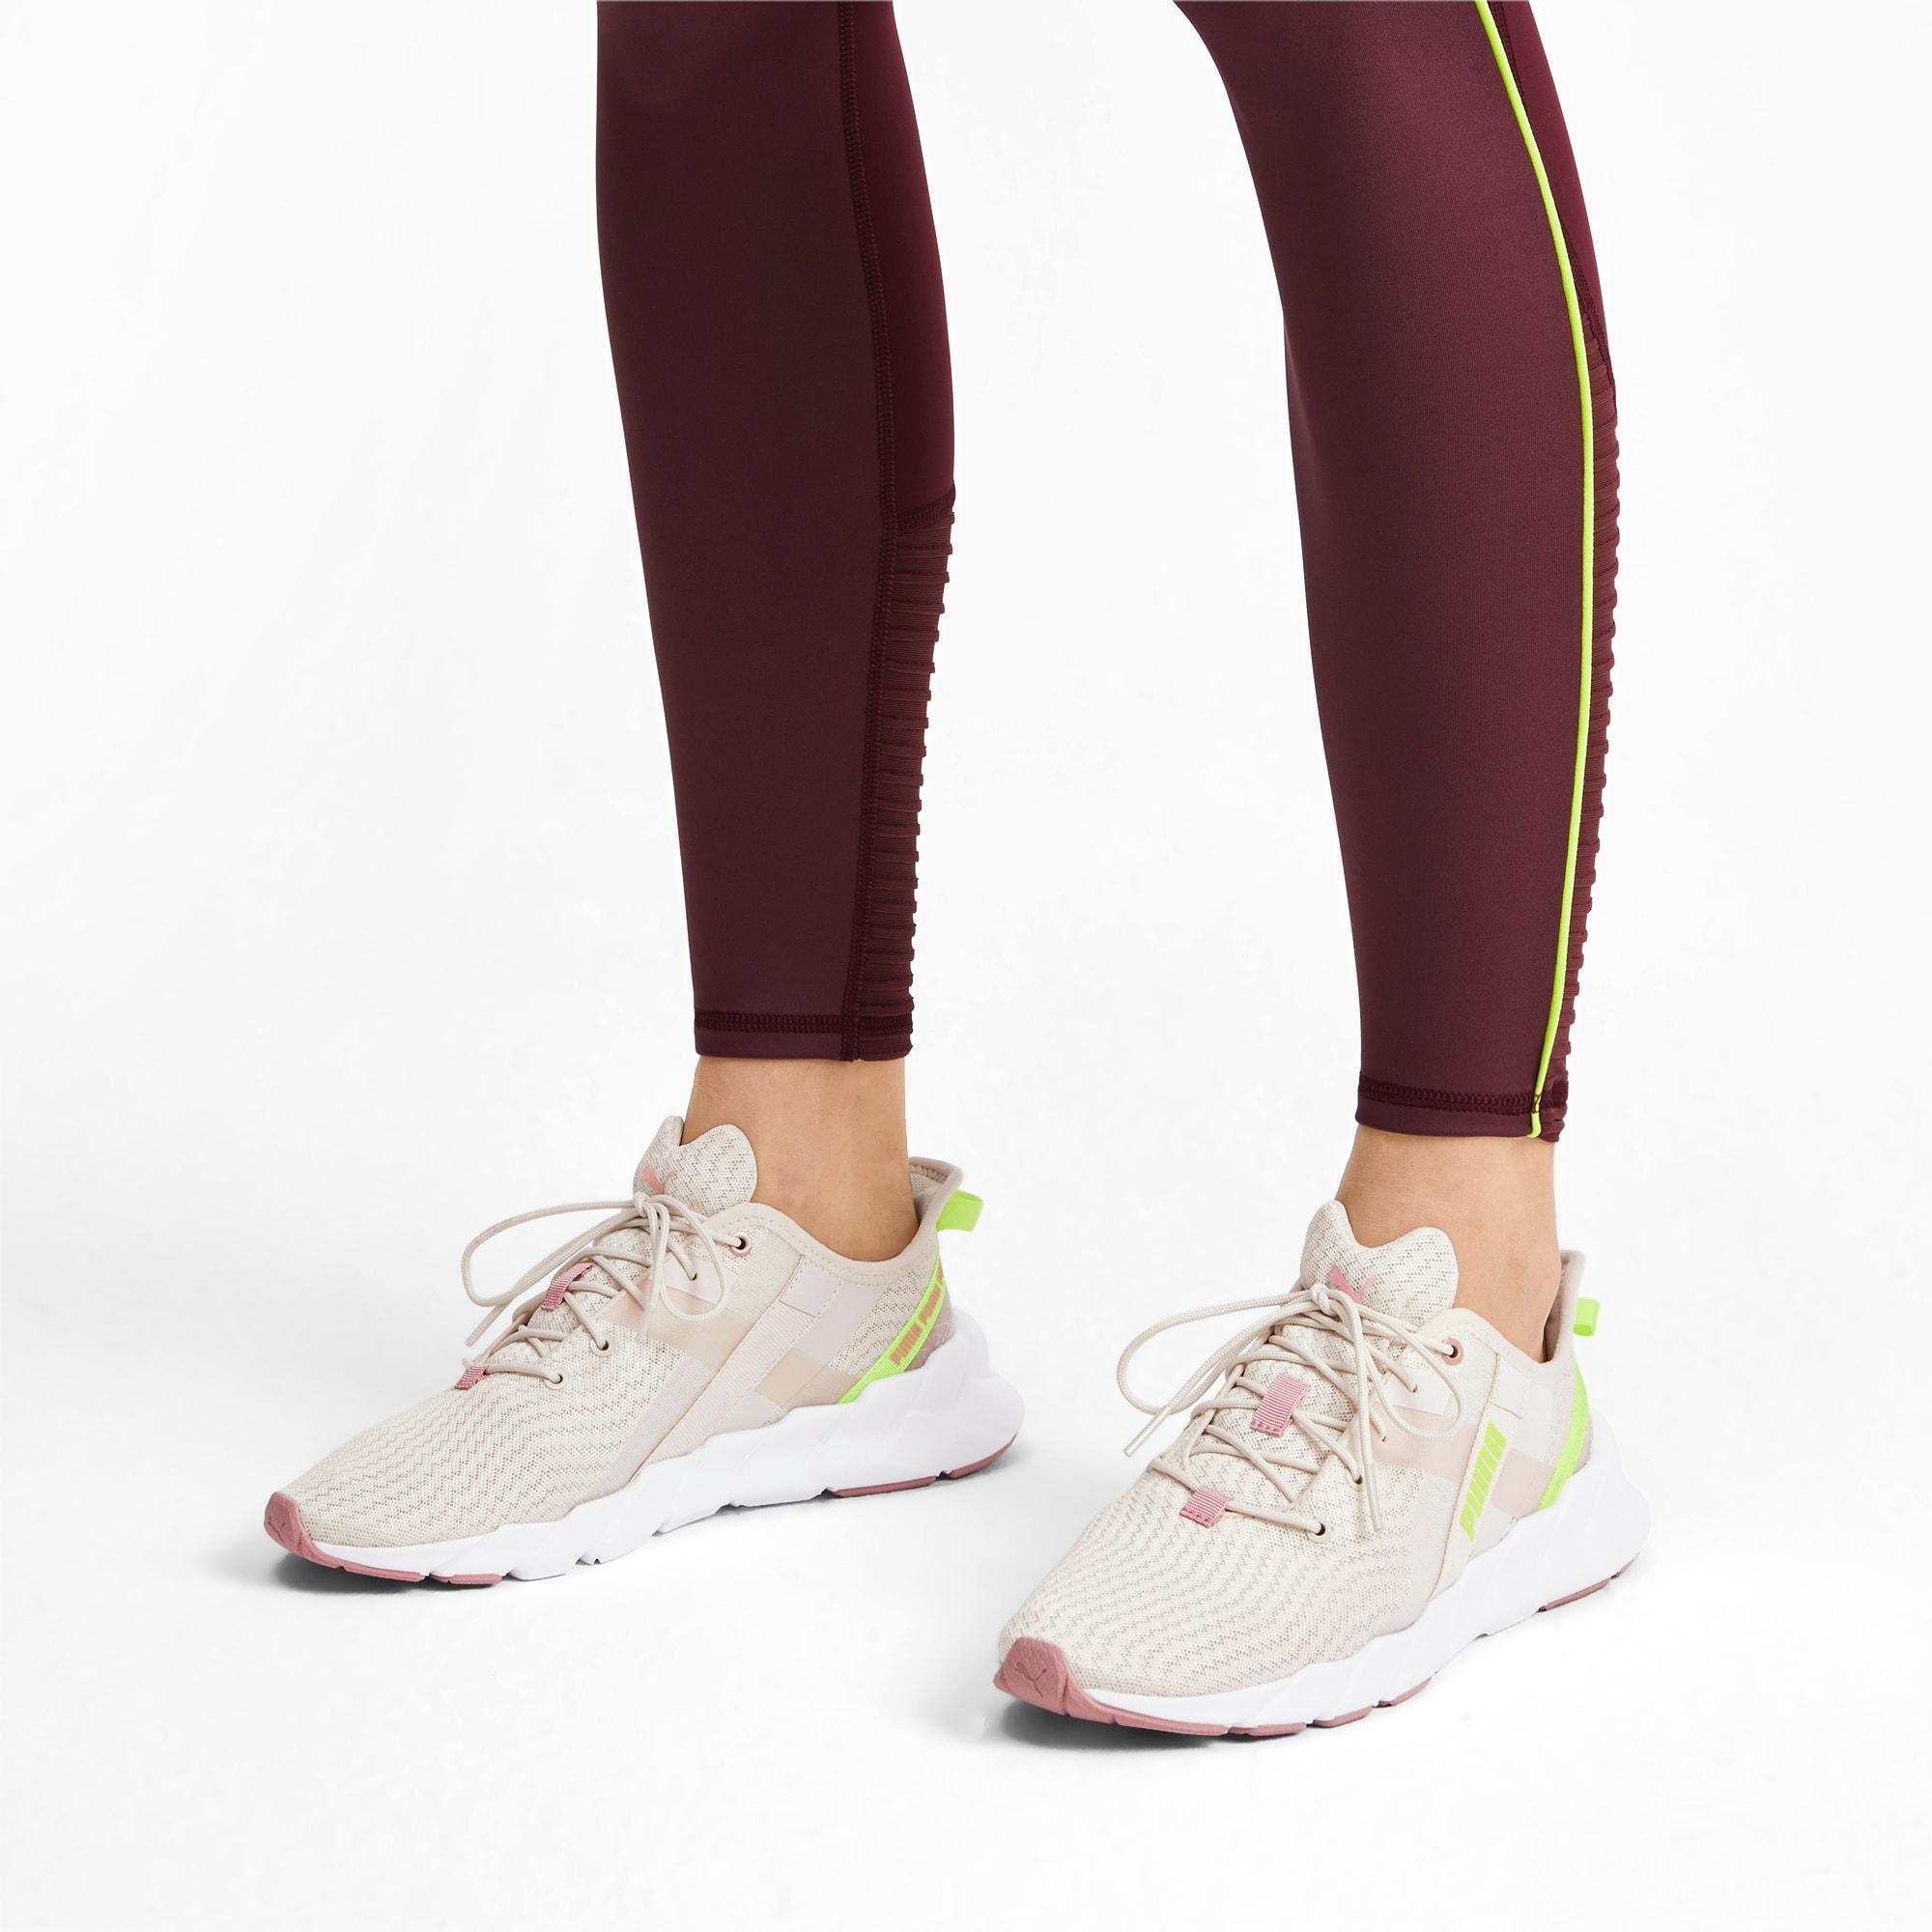 Weave Shift XT Women's Training Shoes